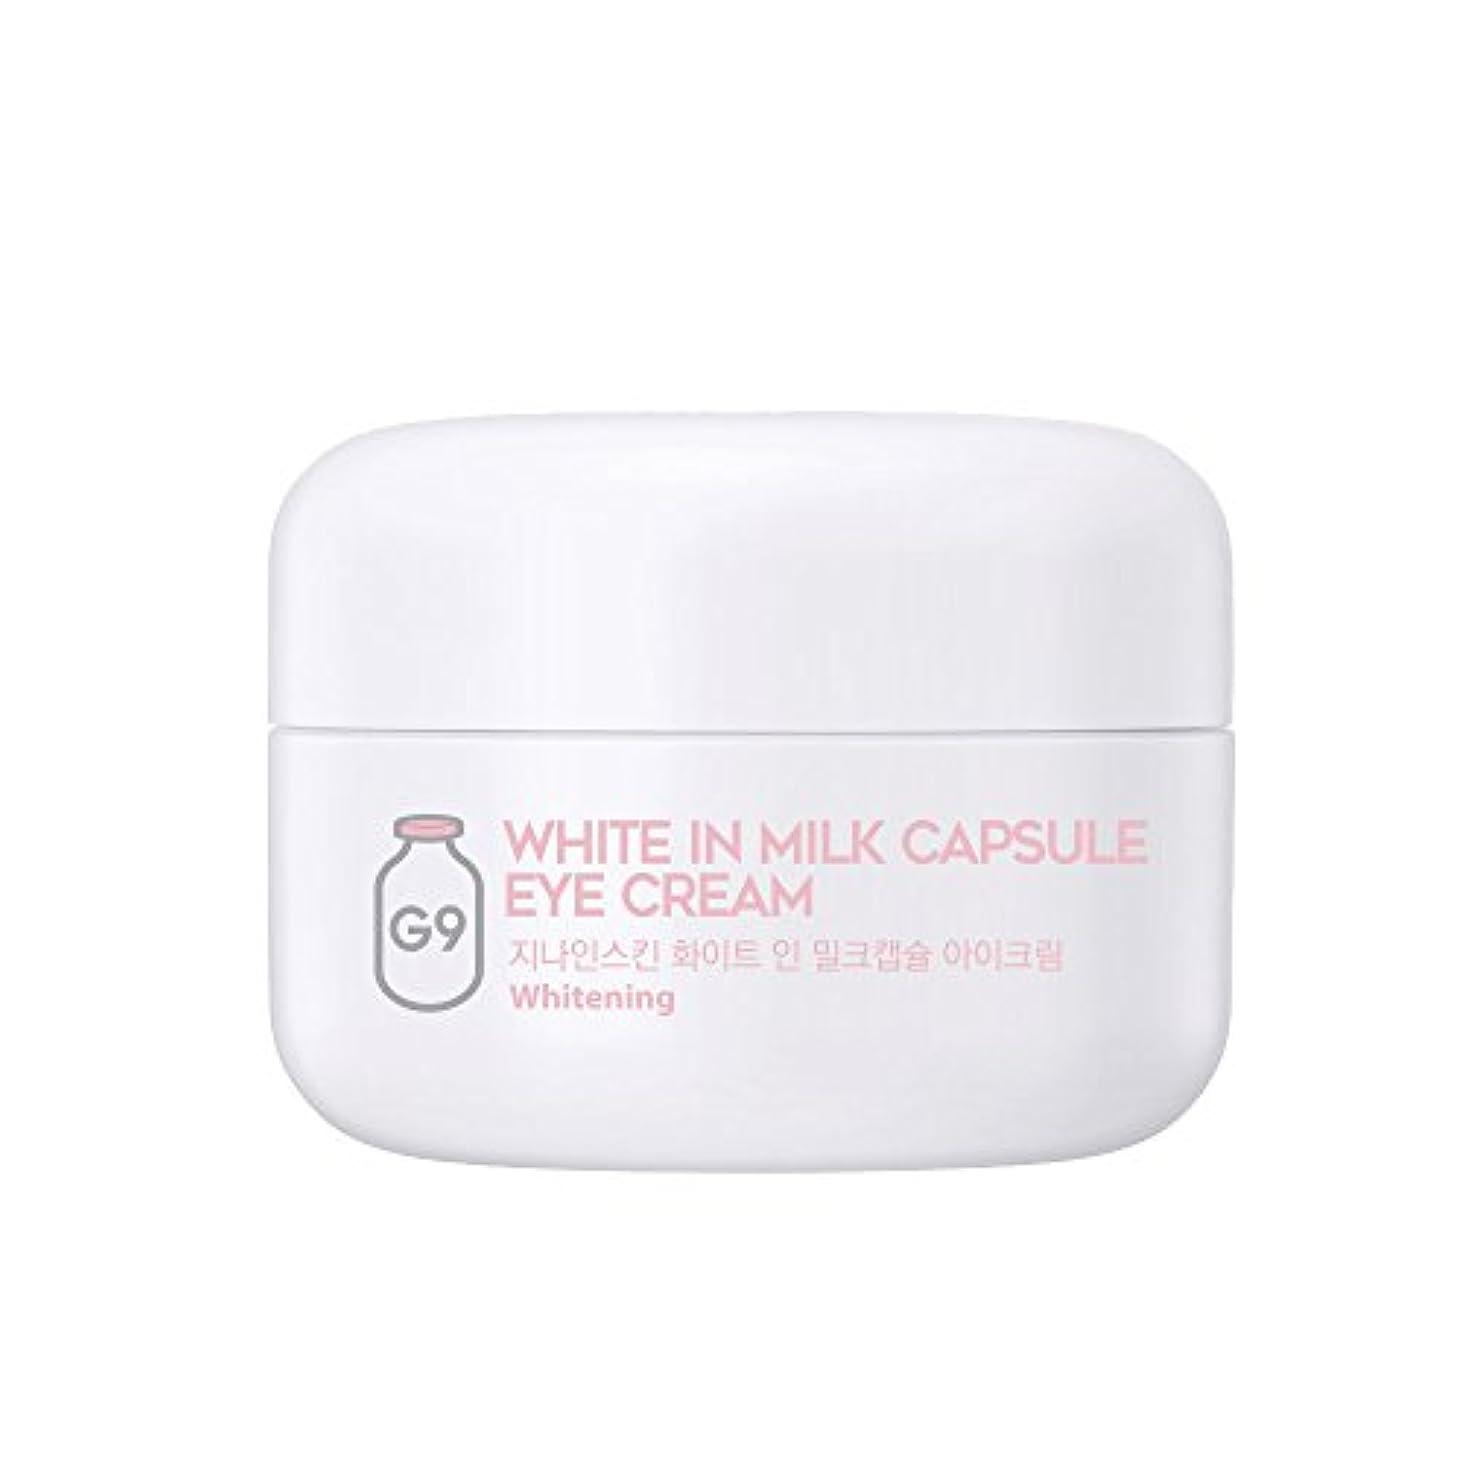 農村金曜日キノコG9SKIN(ベリサム) White In Milk Capsule Eye Cream ホワイトインミルクカプセルアイクリーム 30g